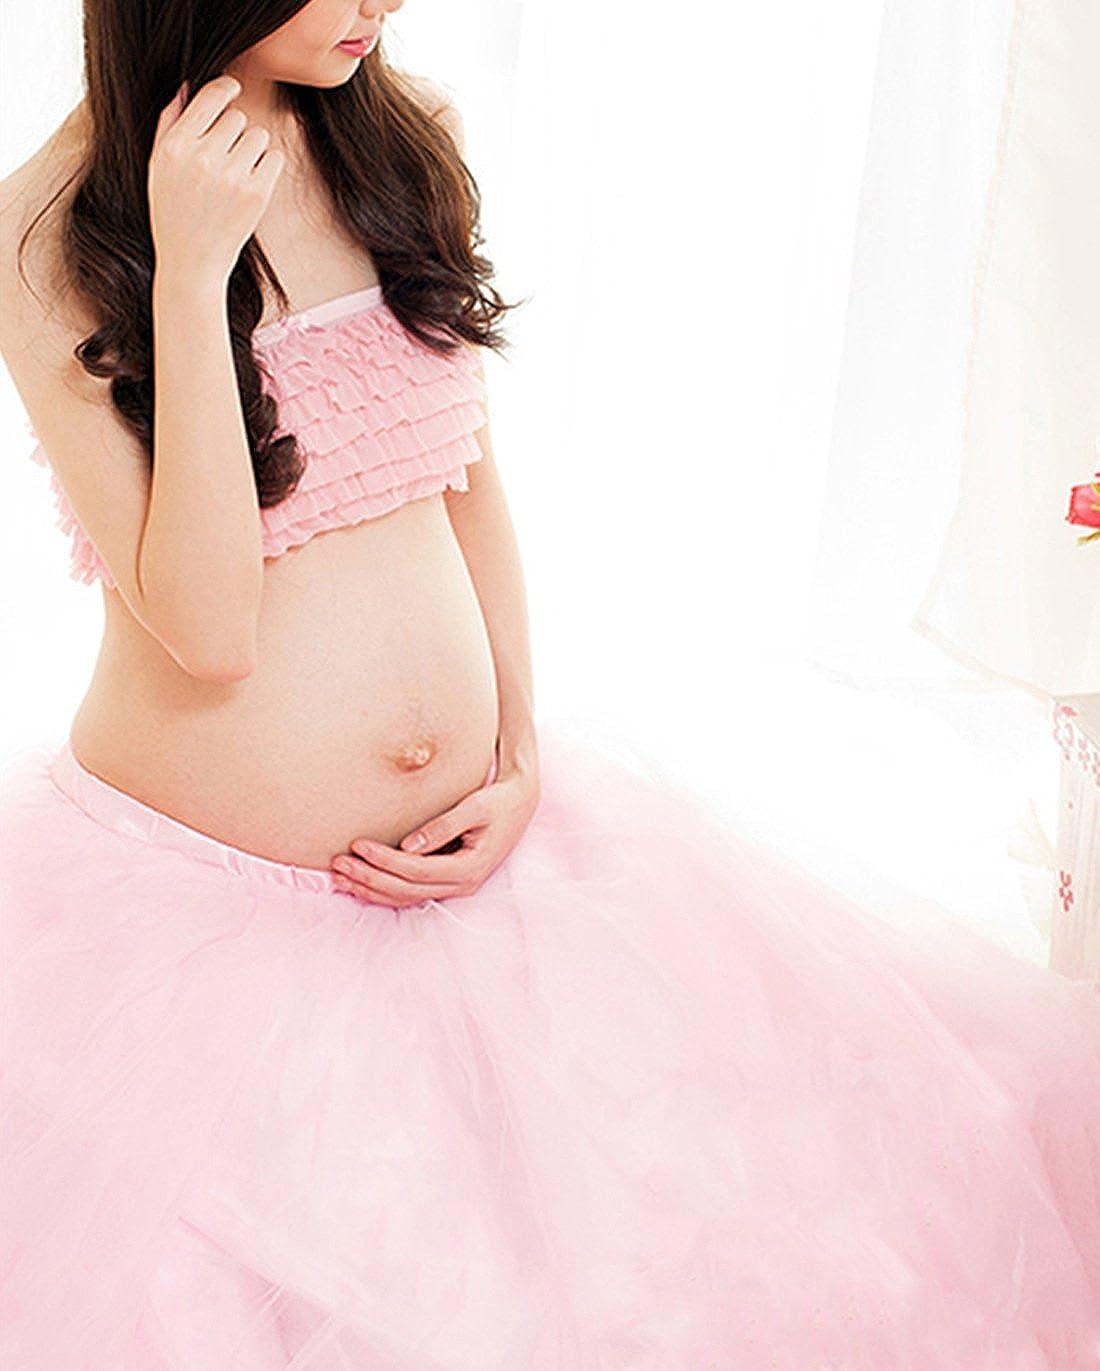 Happy Cherry - Traje de 2 Piezas Ropa Fotos Embarazada Disfraz Pre-mamá Maternity Dress Ruffle Falda Fotografía + Top - Rosa: Amazon.es: Ropa y accesorios